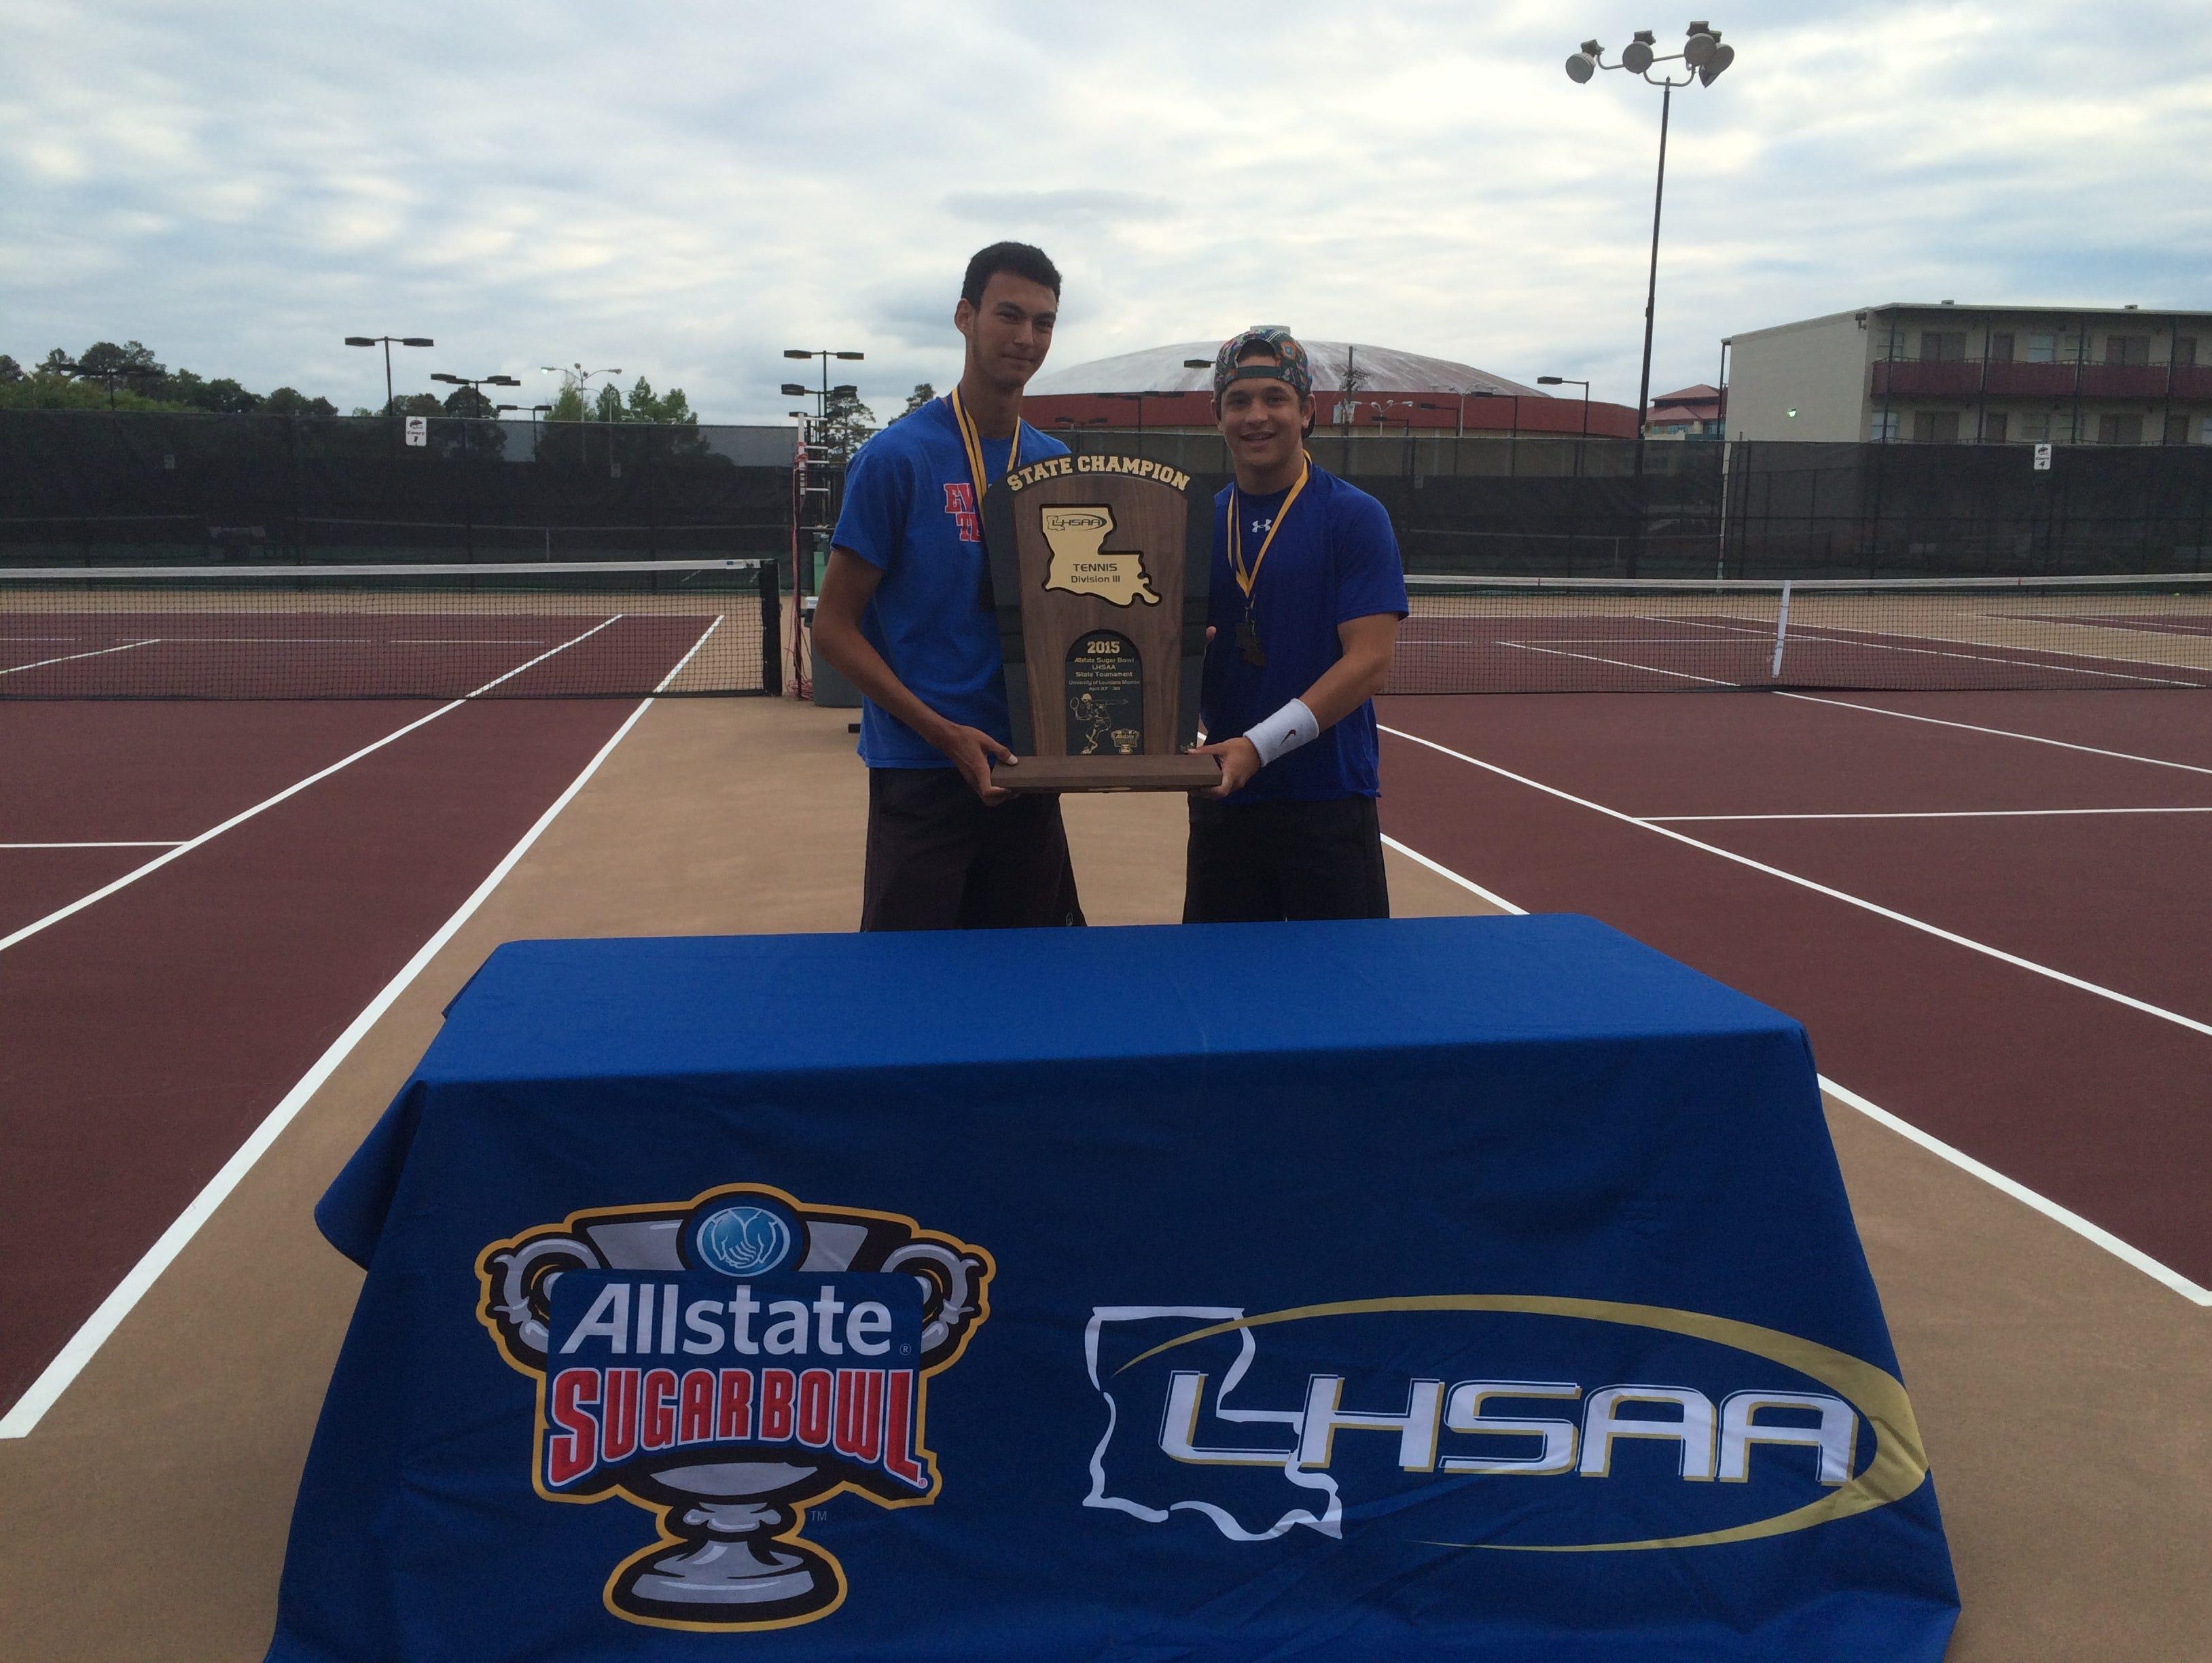 Evangel's Devon Sikora and Andrew Deutsch won their third straight doubles tennis title this past month.